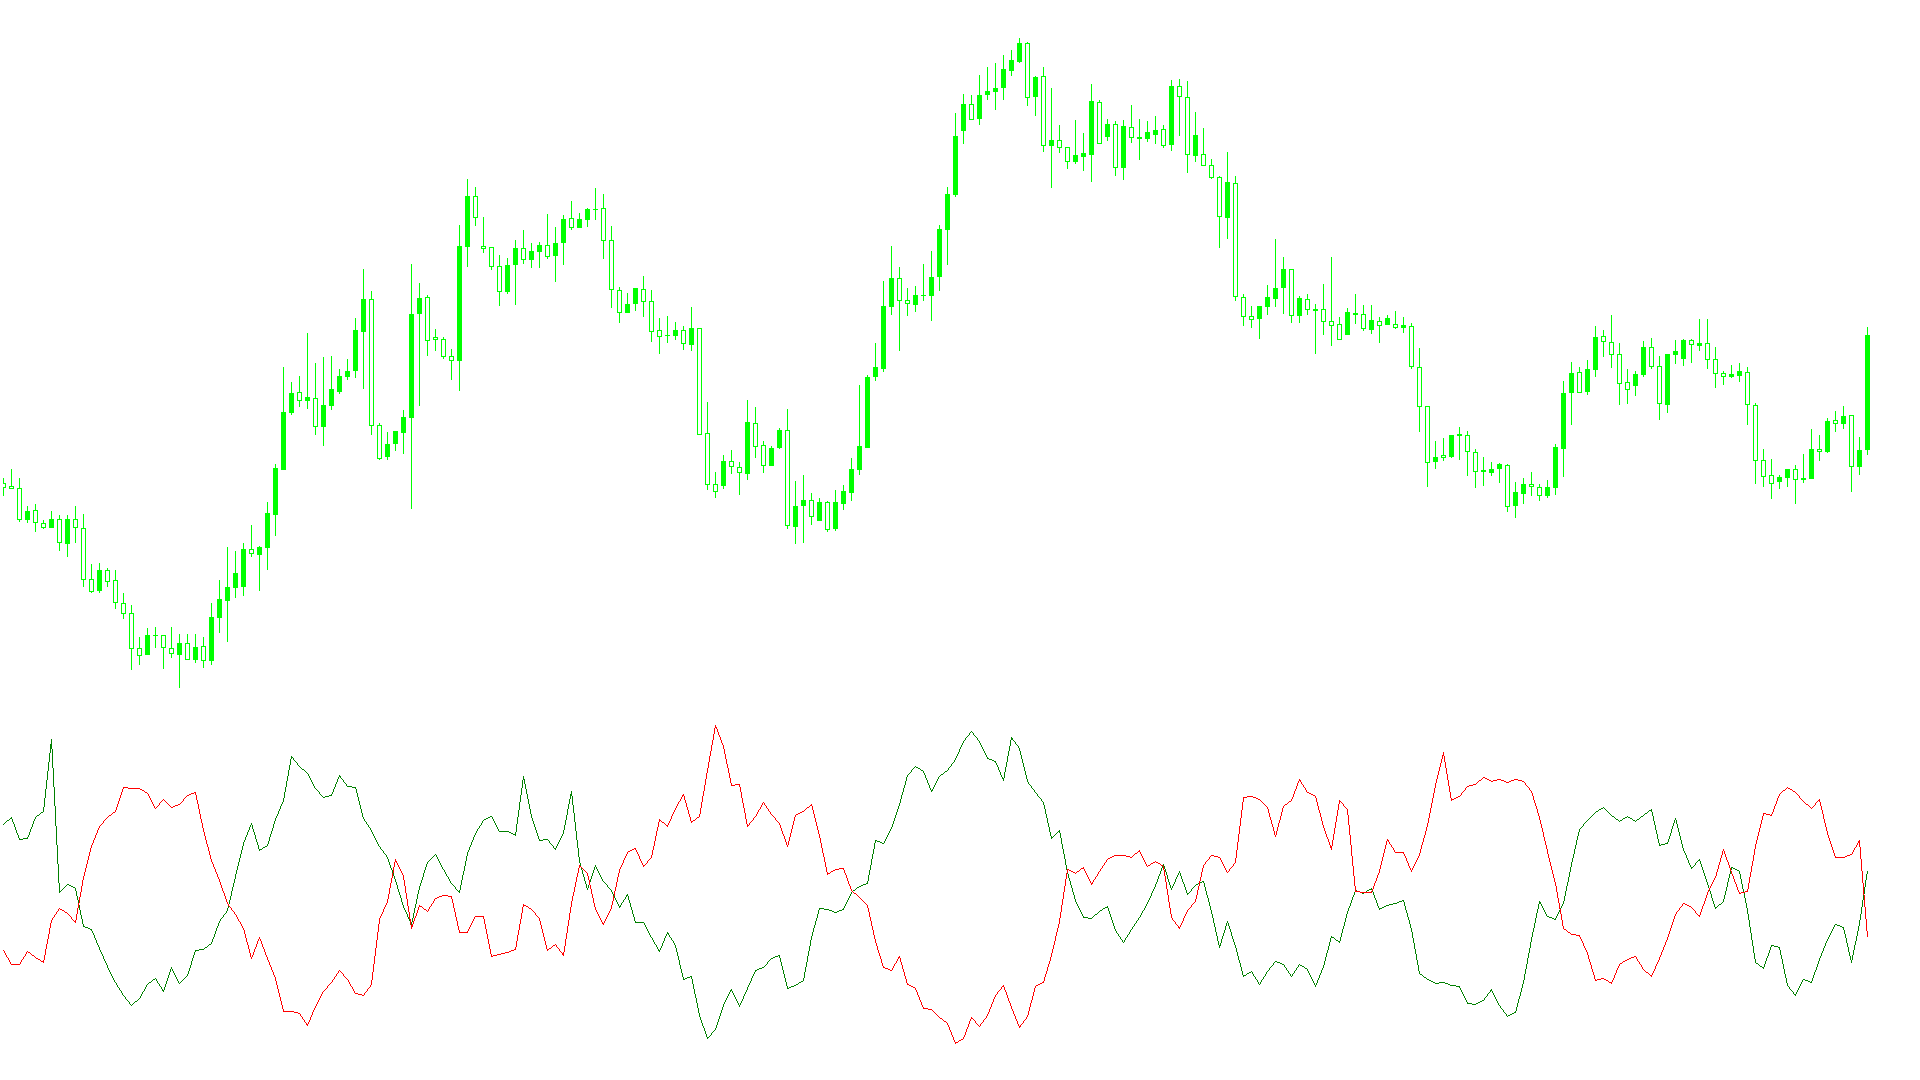 Vortex Indicatorスクリーンショット